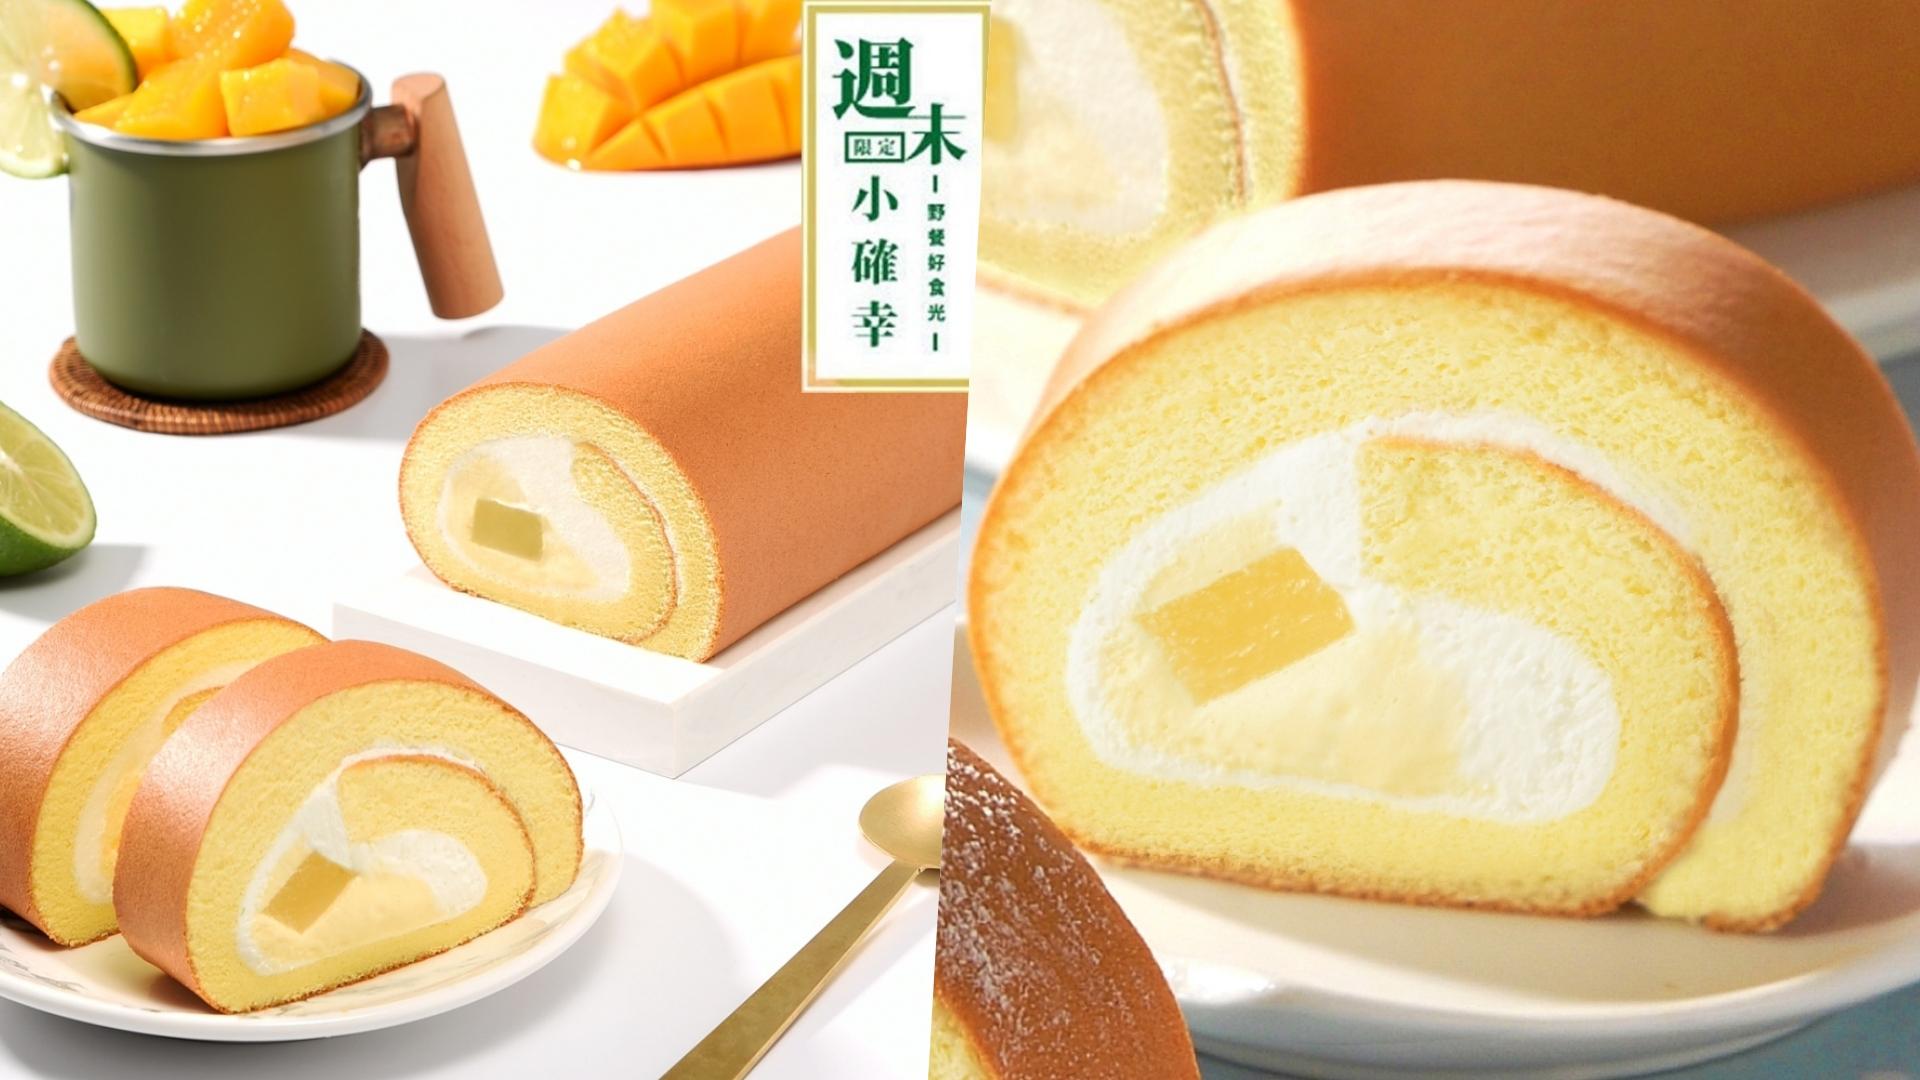 拌入新鮮現榨的屏東無毒綠檸檬,讓北海道奶霜的風味更加清新爽口,搭配香氣豐厚馥郁的芒果奶霜,融合了獨特的雙餡滋味